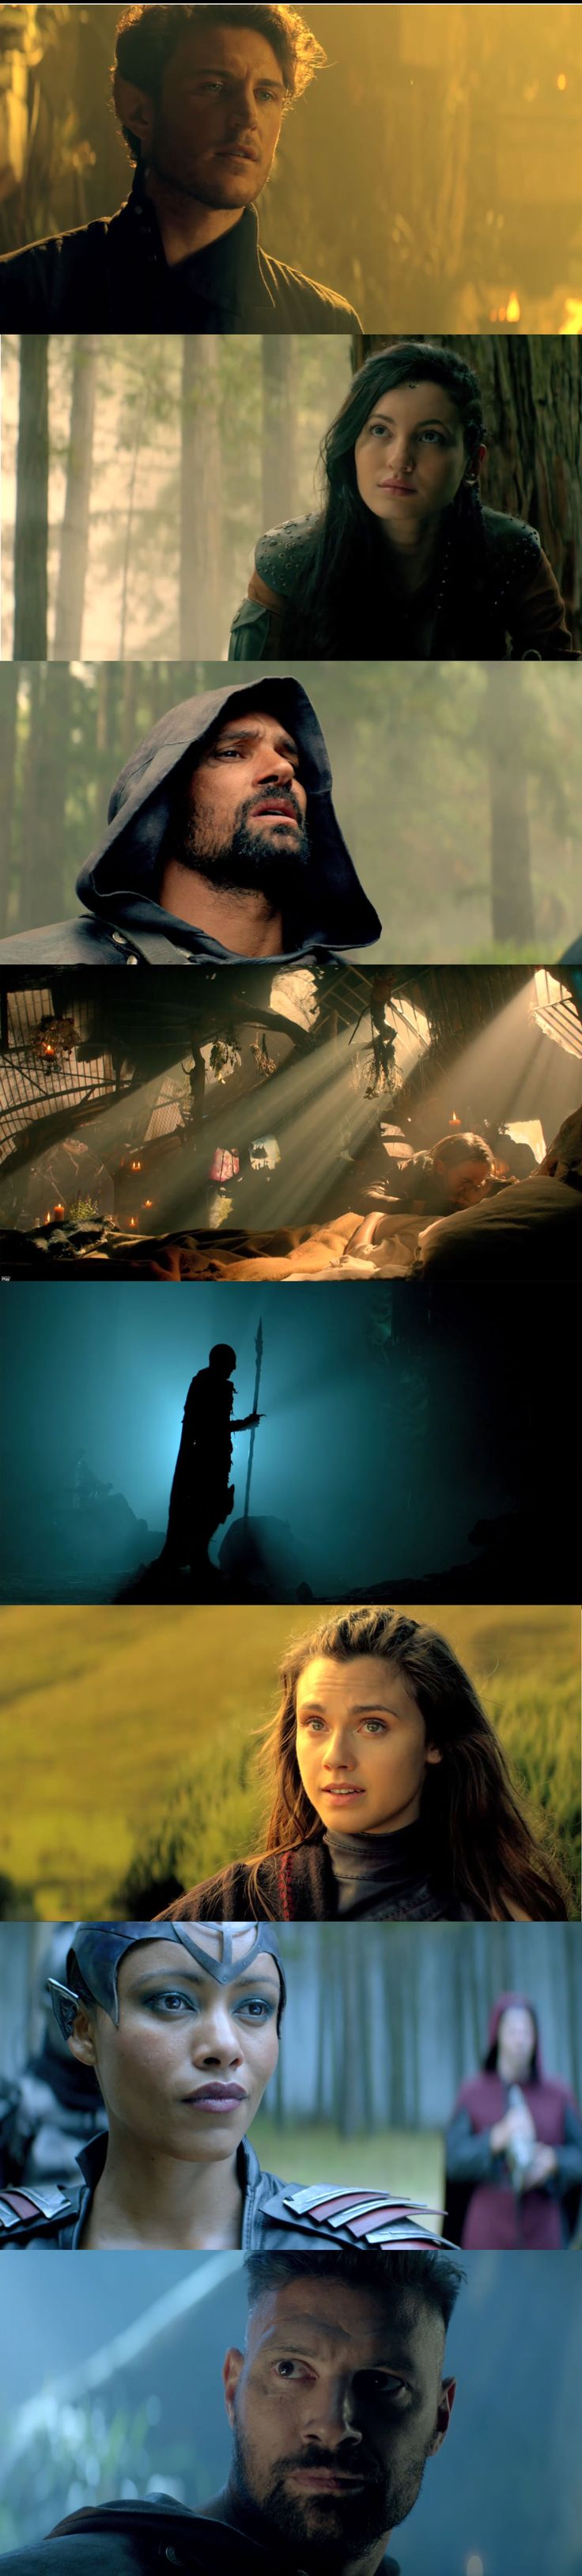 MTV's The Shannara Chronicles